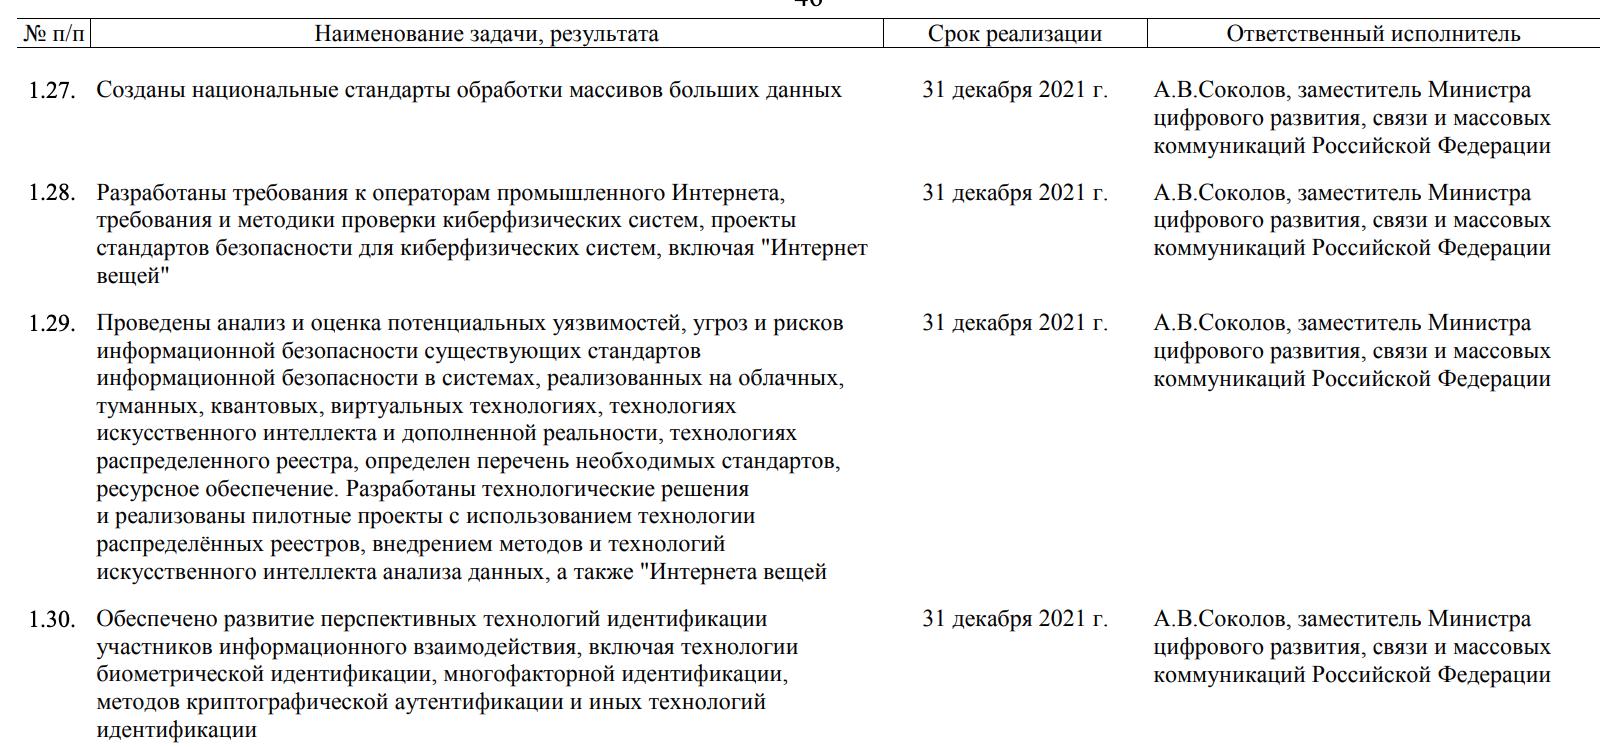 На развитие блокчейна в РФ хотят потратить 85 млрд рублей